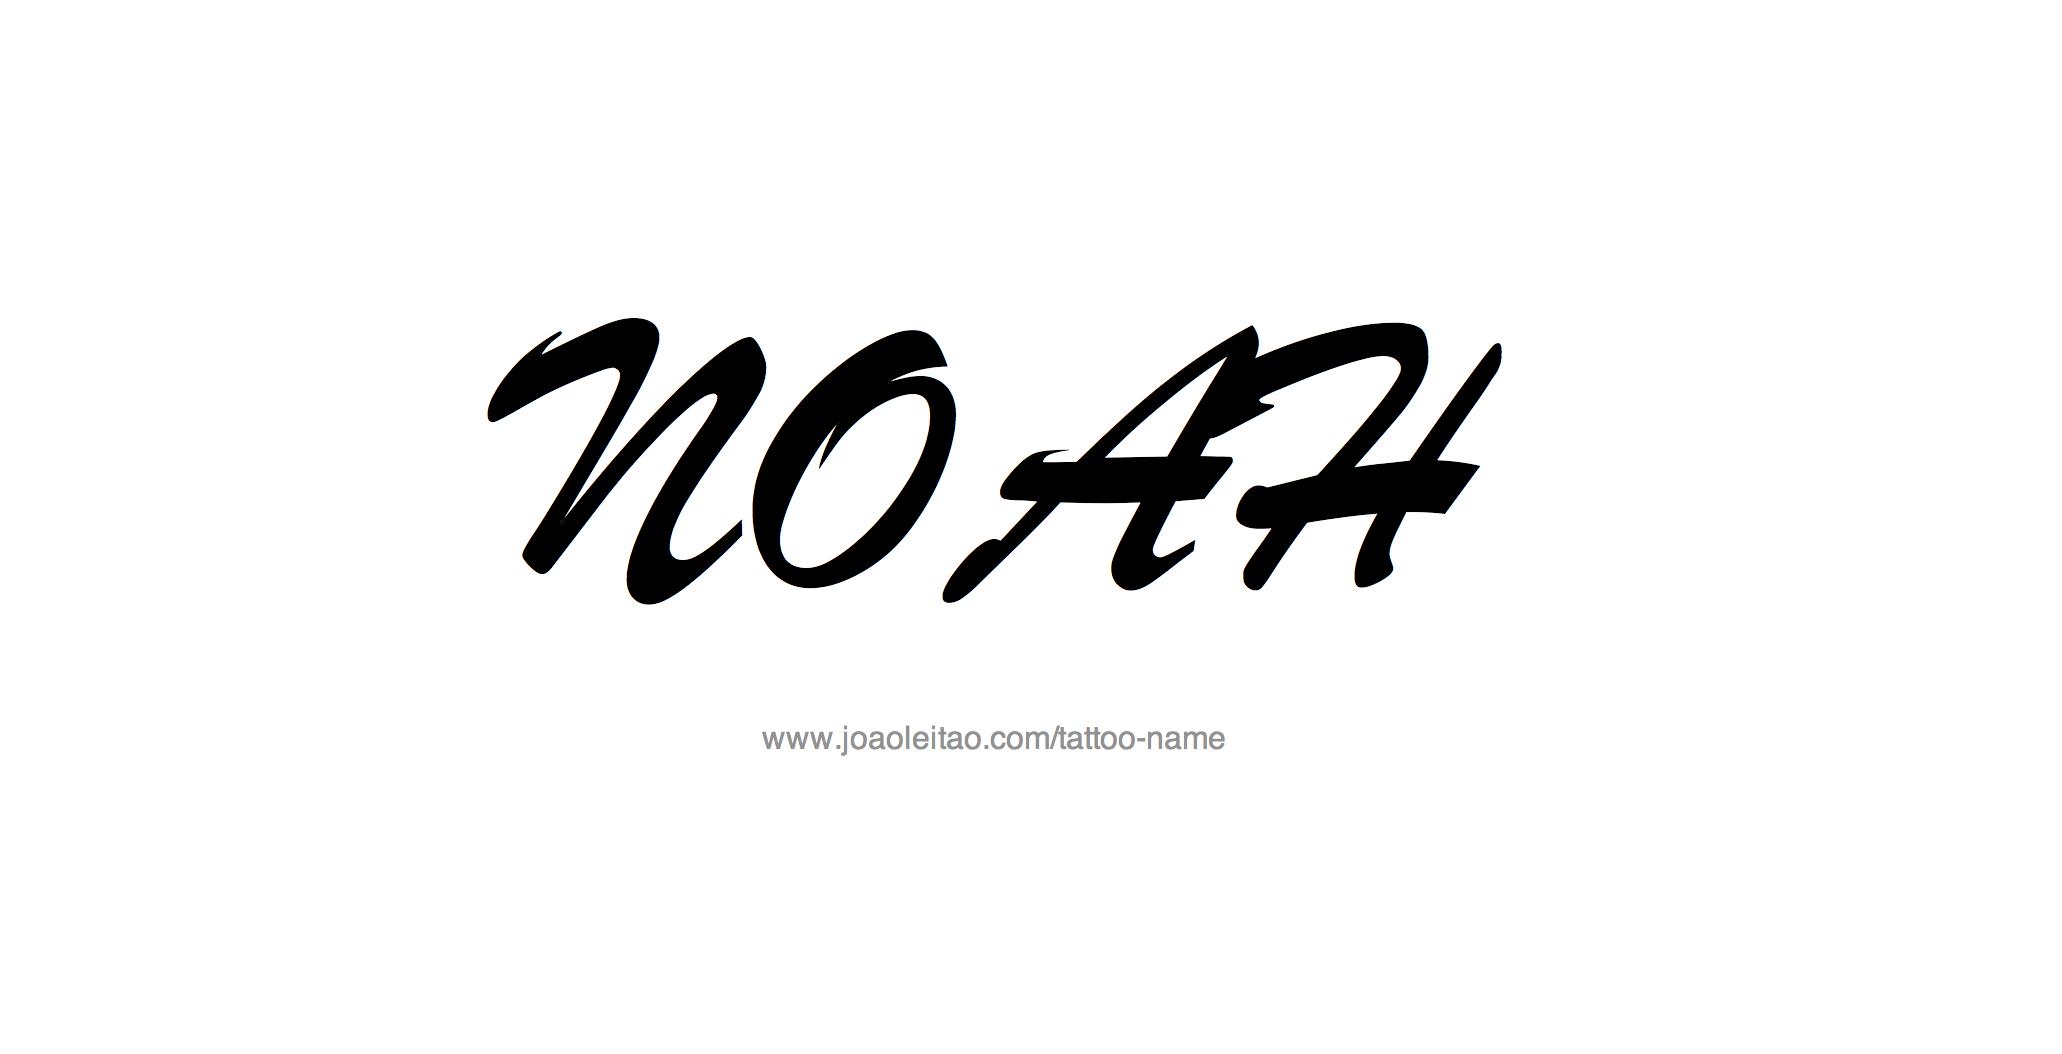 Noah Name Tattoo Designs